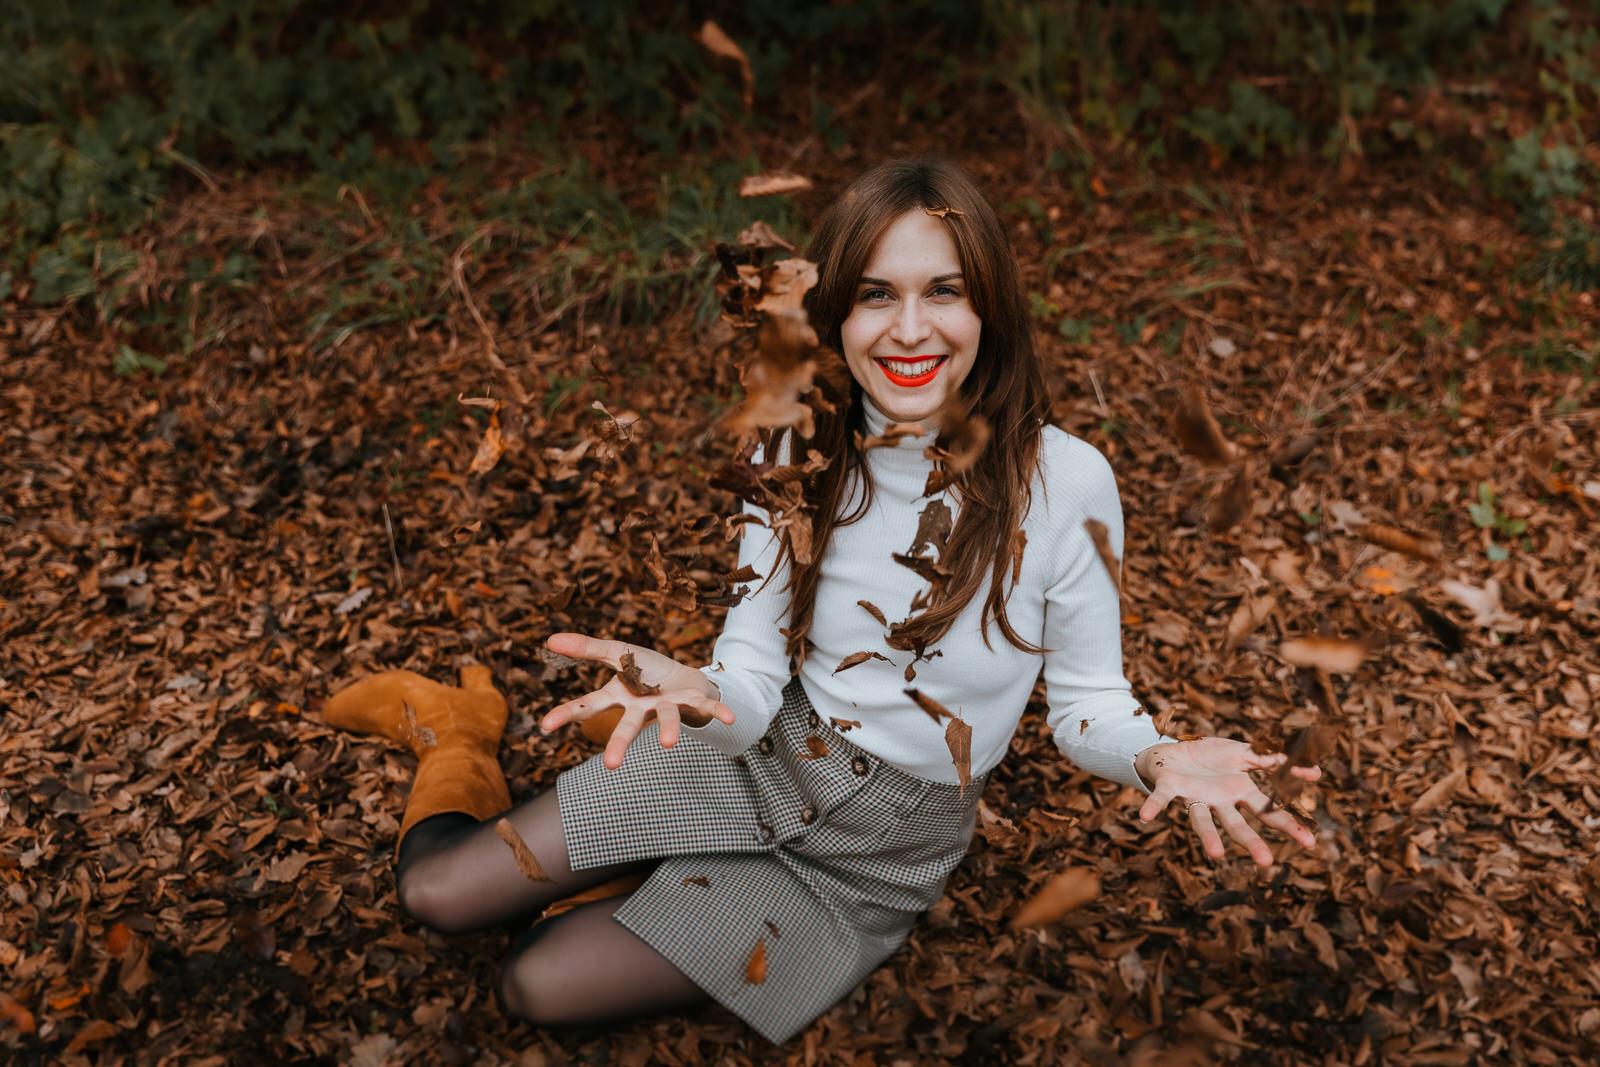 Daphné_automne_MargotMchn-79